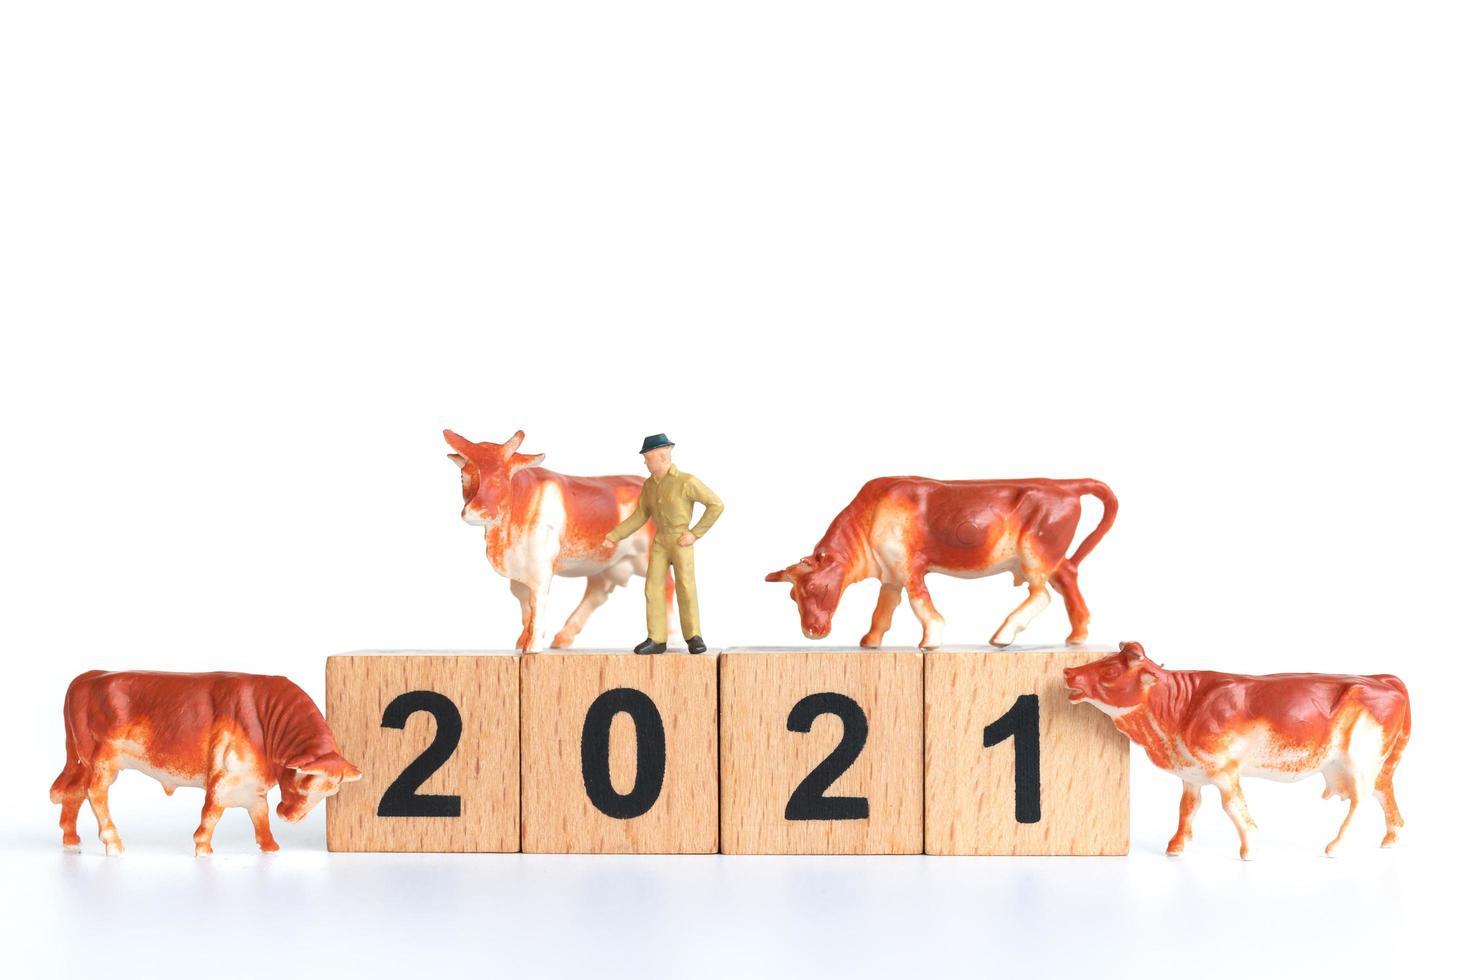 minifiguras de buey del año 2021 foto